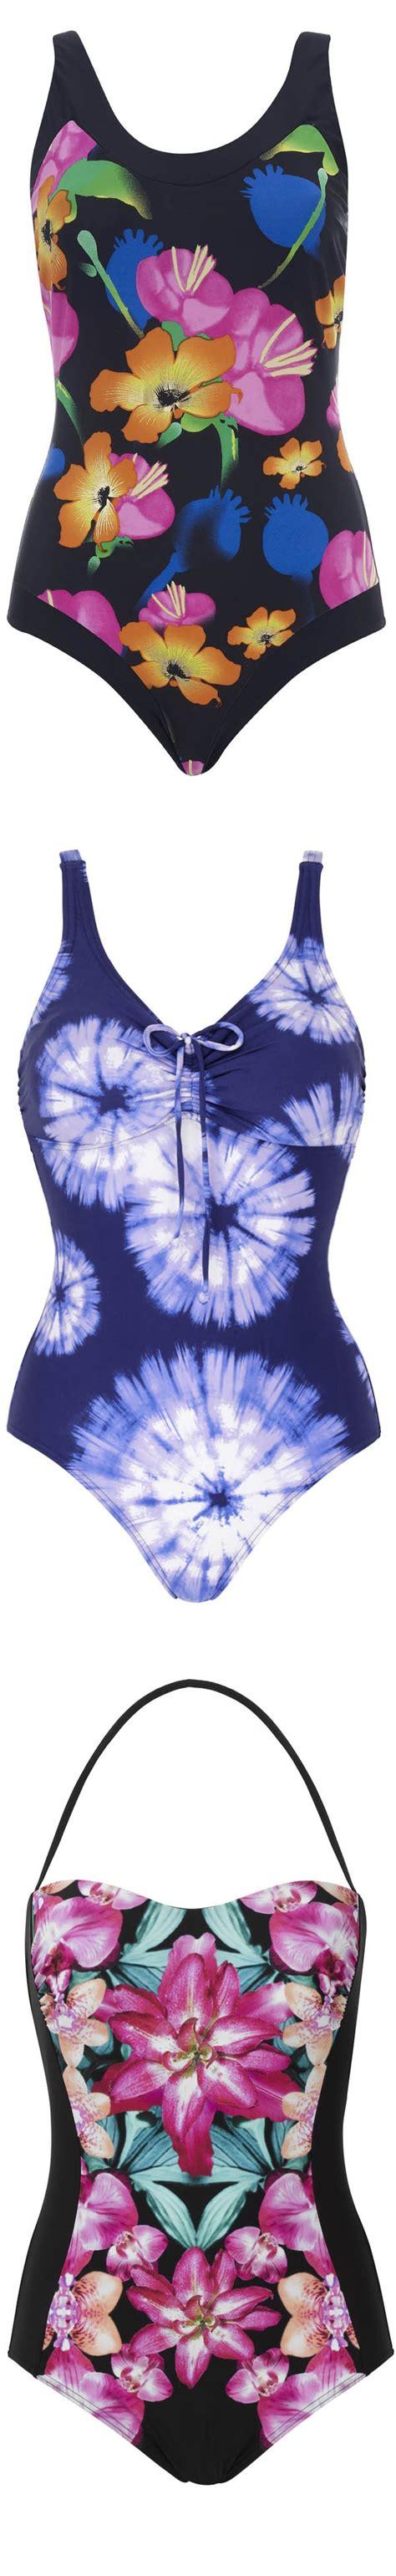 swimsuits for 60 year women meer dan 1000 afbeeldingen over best swimsuits for older